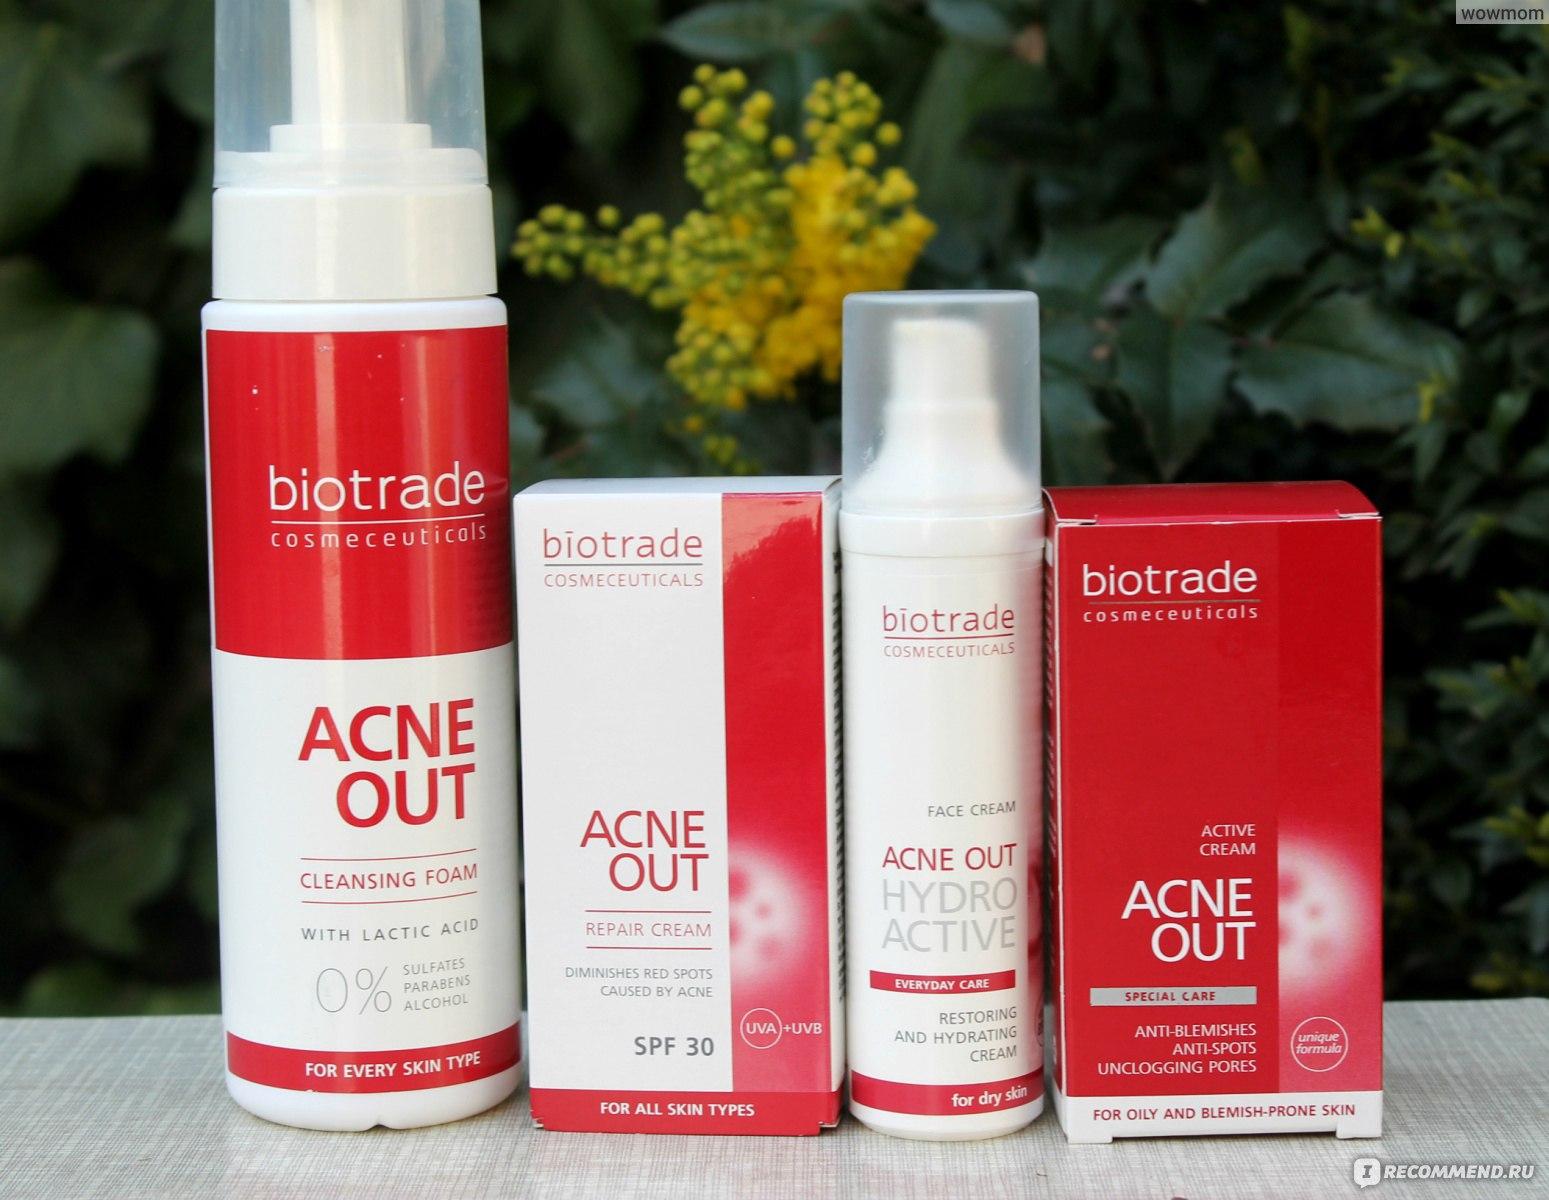 Купить косметику biotrade в москве офисы эйвон